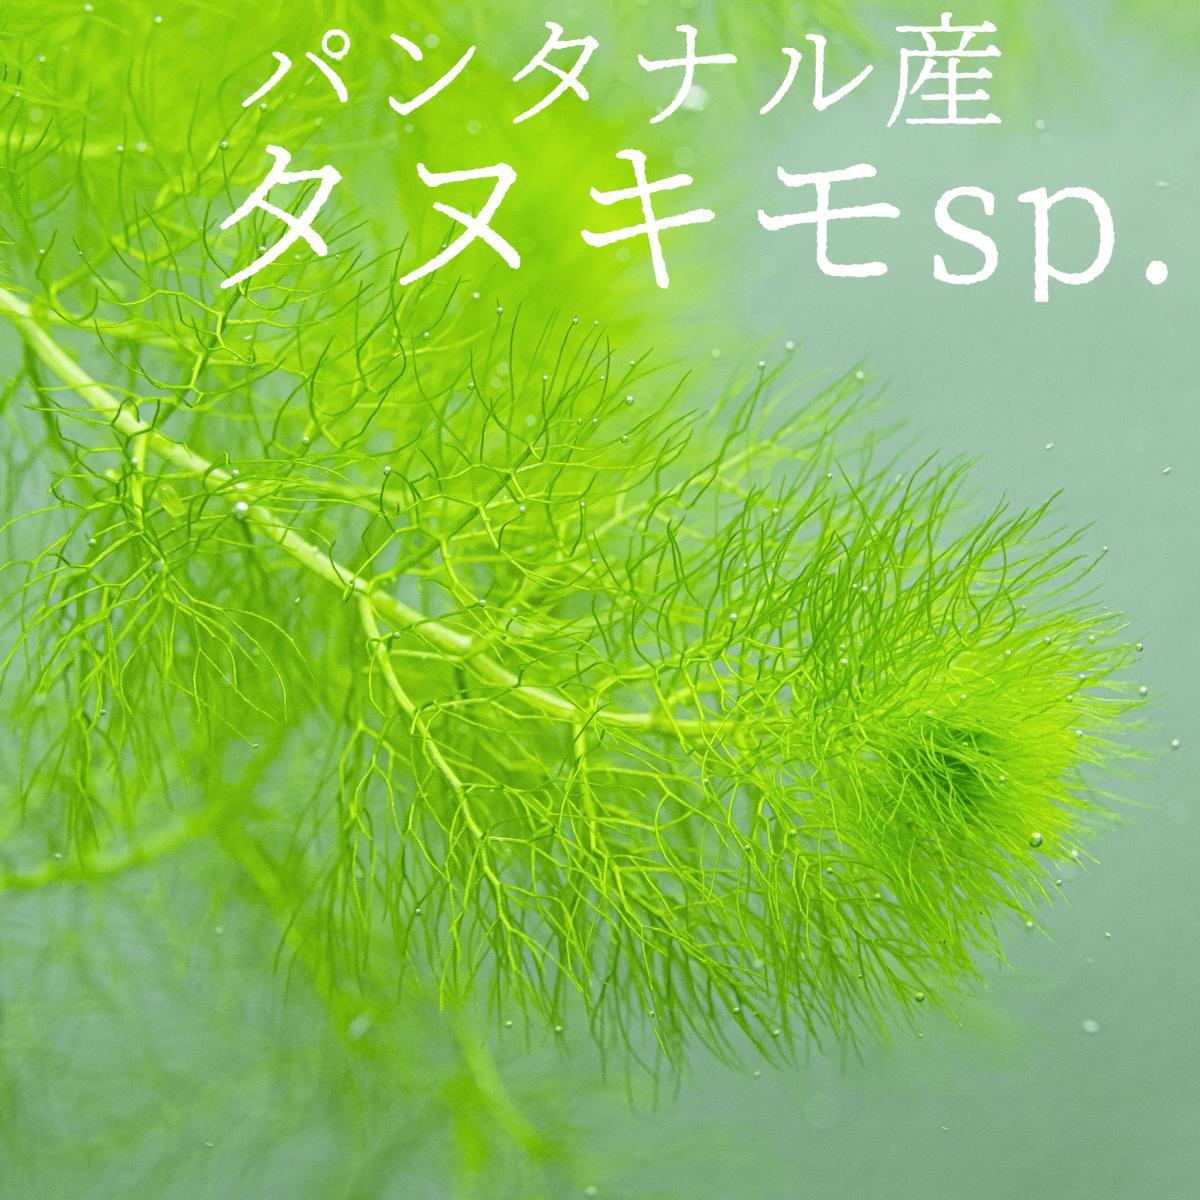 【今だけ1本おまけ】タヌキモsp.パンタナル産1